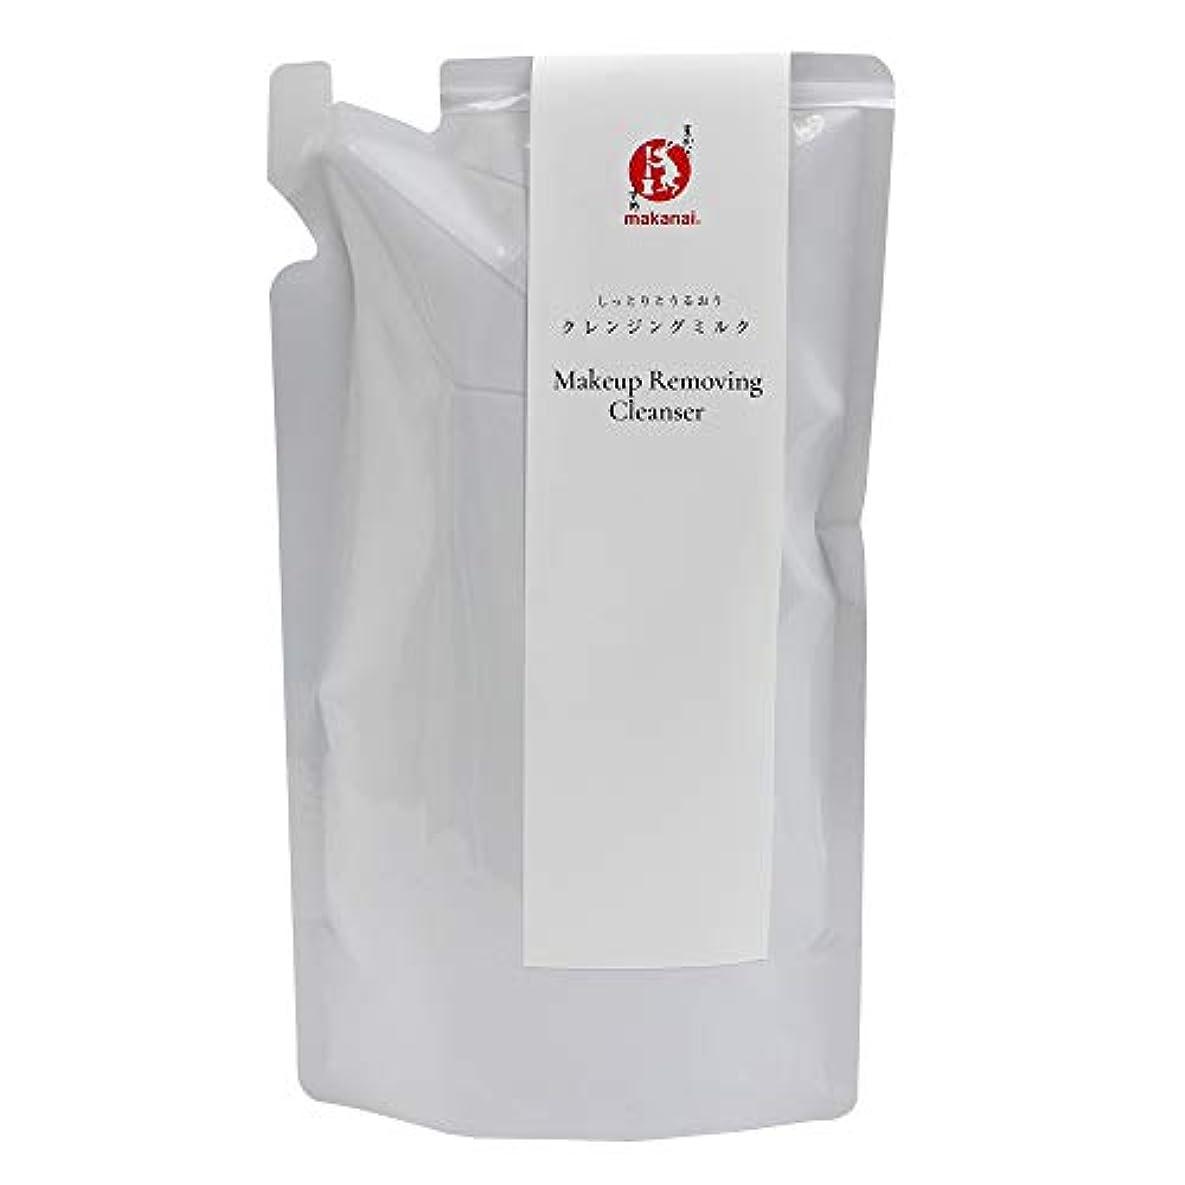 応じるインシデントバイアスまかないこすめ しっとりとうるおうクレンジングミルク(詰め替え用) 140ml